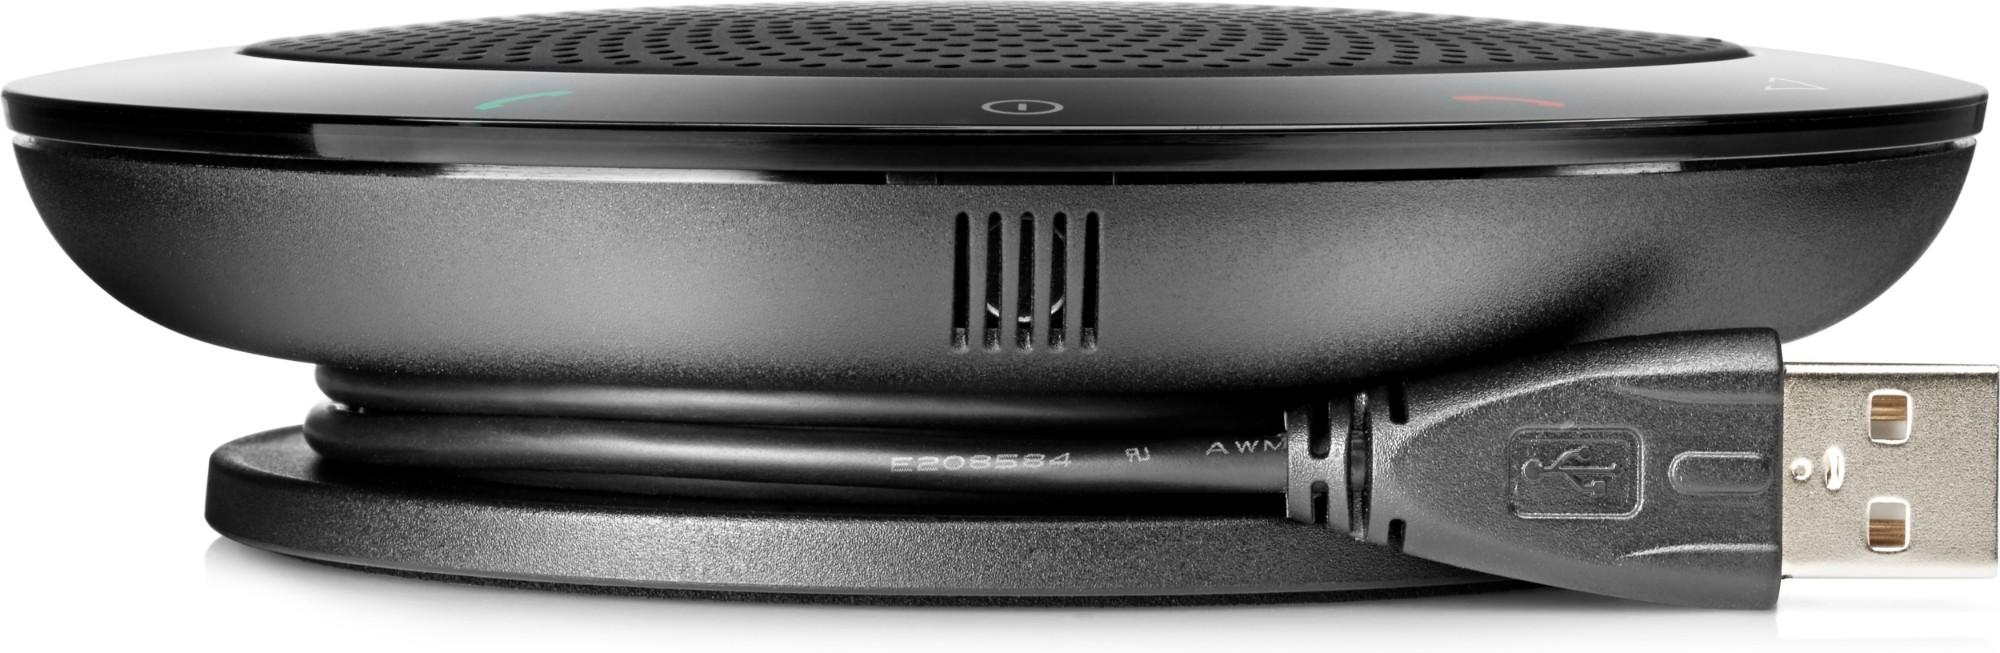 UC Speaker Phone (4VW02AA)